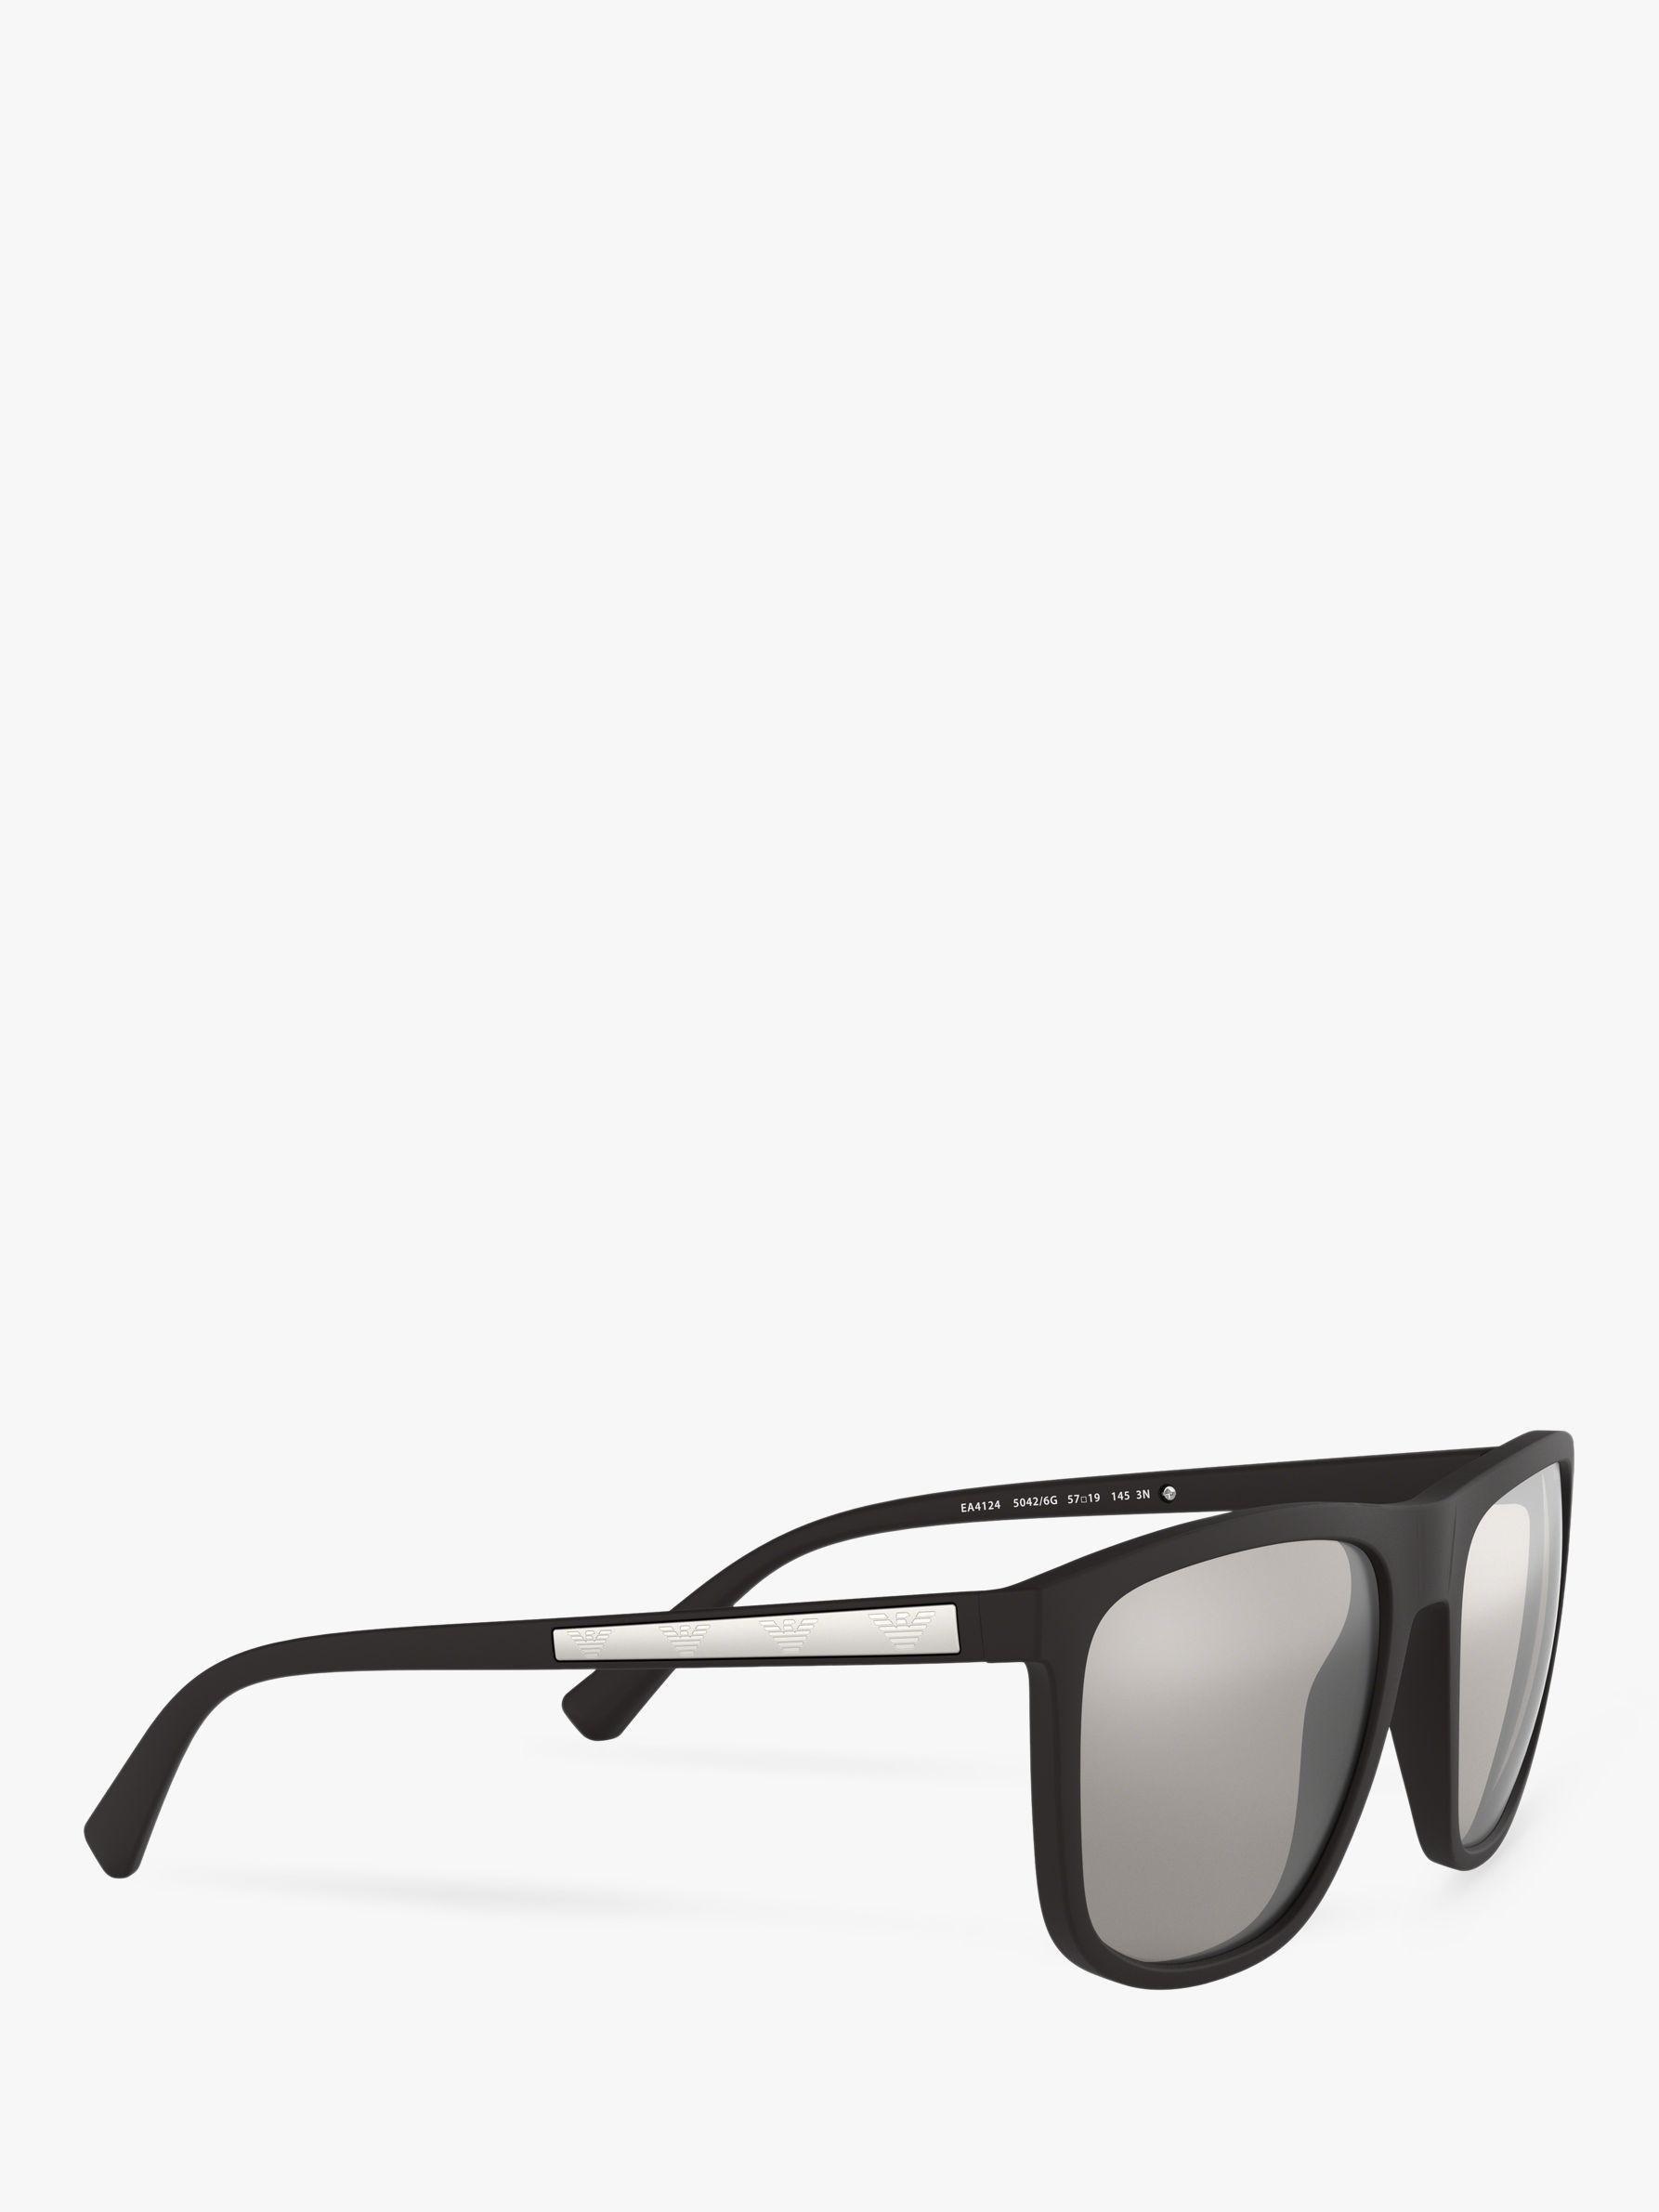 5815b69ce9d7c Emporio Armani Ea4123 Men s Square Sunglasses in Black for Men - Lyst